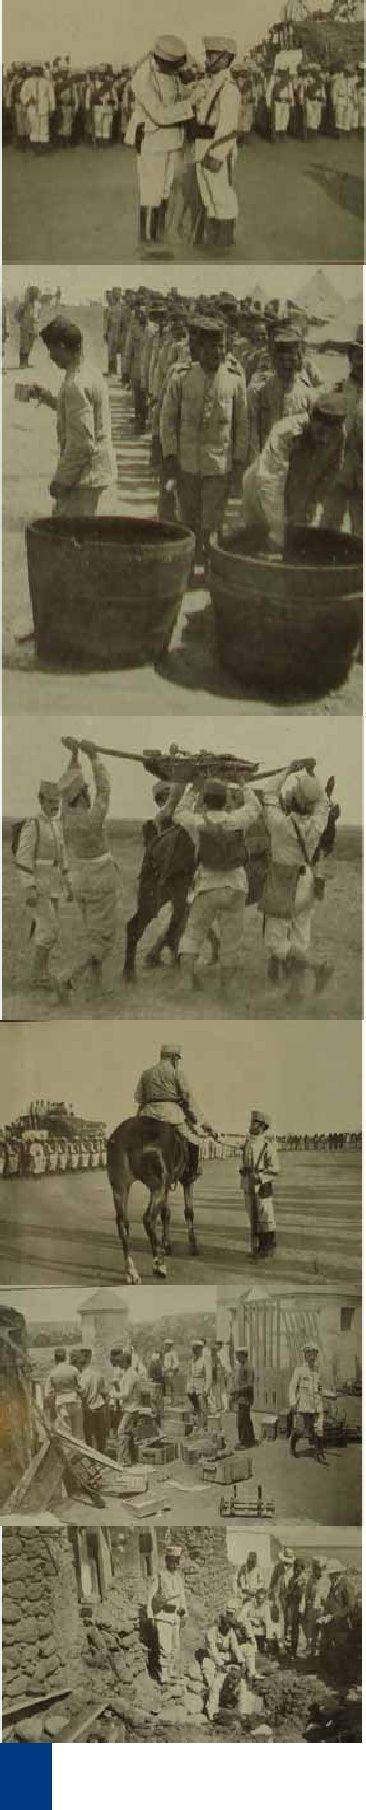 V ISSN 1133-598X · Vegueta·12/2012 · página 71 Paisanos ayudando a los soldados a preparar un convoy de municiones en el campamento del Hipo-dromo.Cargando sobre una mula un cañón de montaña. El general Marina arengando a las tropas en el solemne acto vericado el día 25 de agosto pasado en el campamento del Hipódromo para imponer la Cruz del Mérito Militar con distintivo rojo al cabo del batallón de cazadores de Estella José Calvo (x) que en uno de los combates librados contra los rifeños…